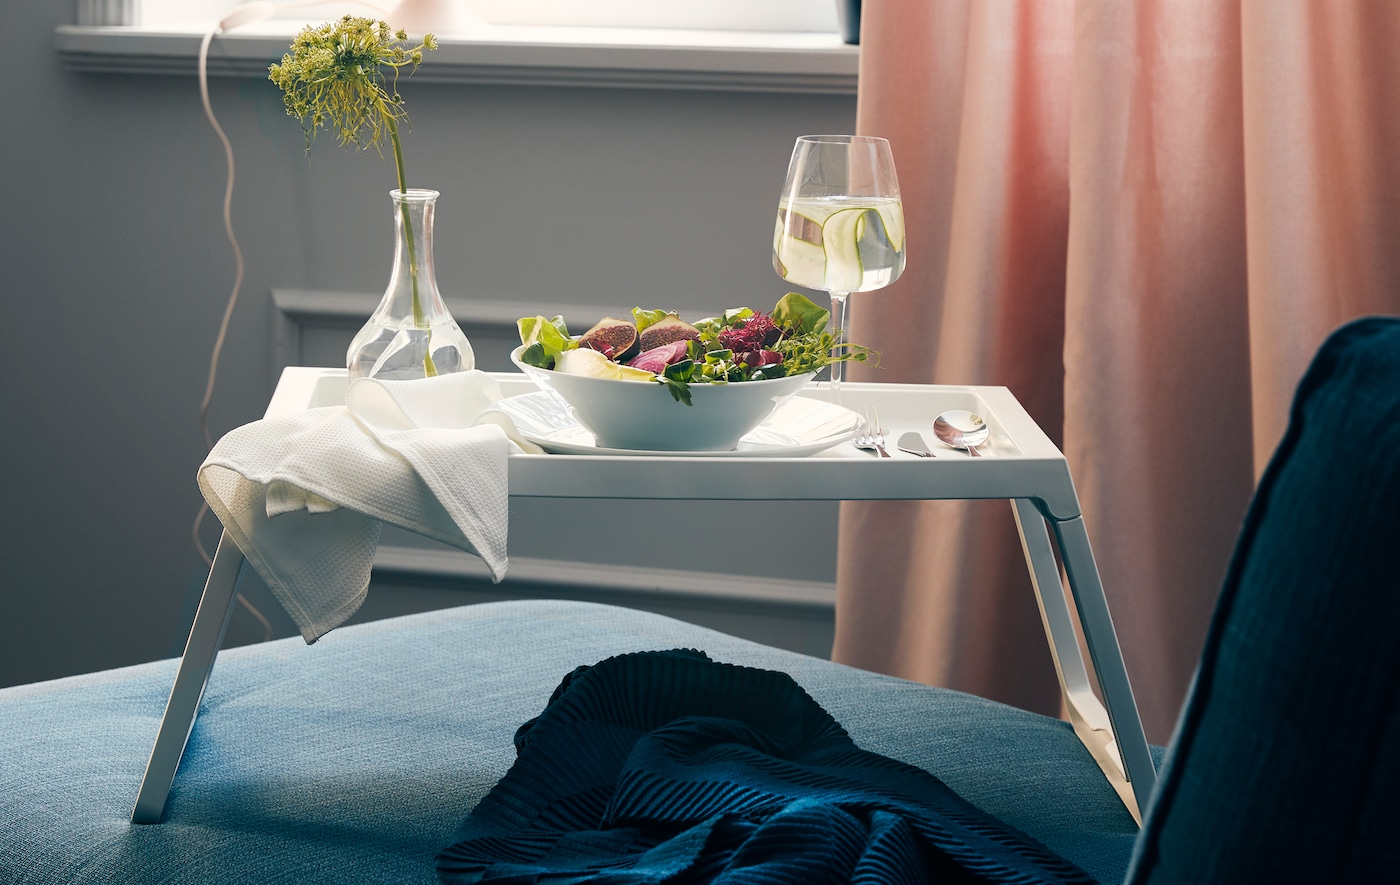 Bandeja de cama IKEA KLIPSK posada en un sofá con un cuenco de ensalada, un vaso, una servilleta y un jarrón con una flor.